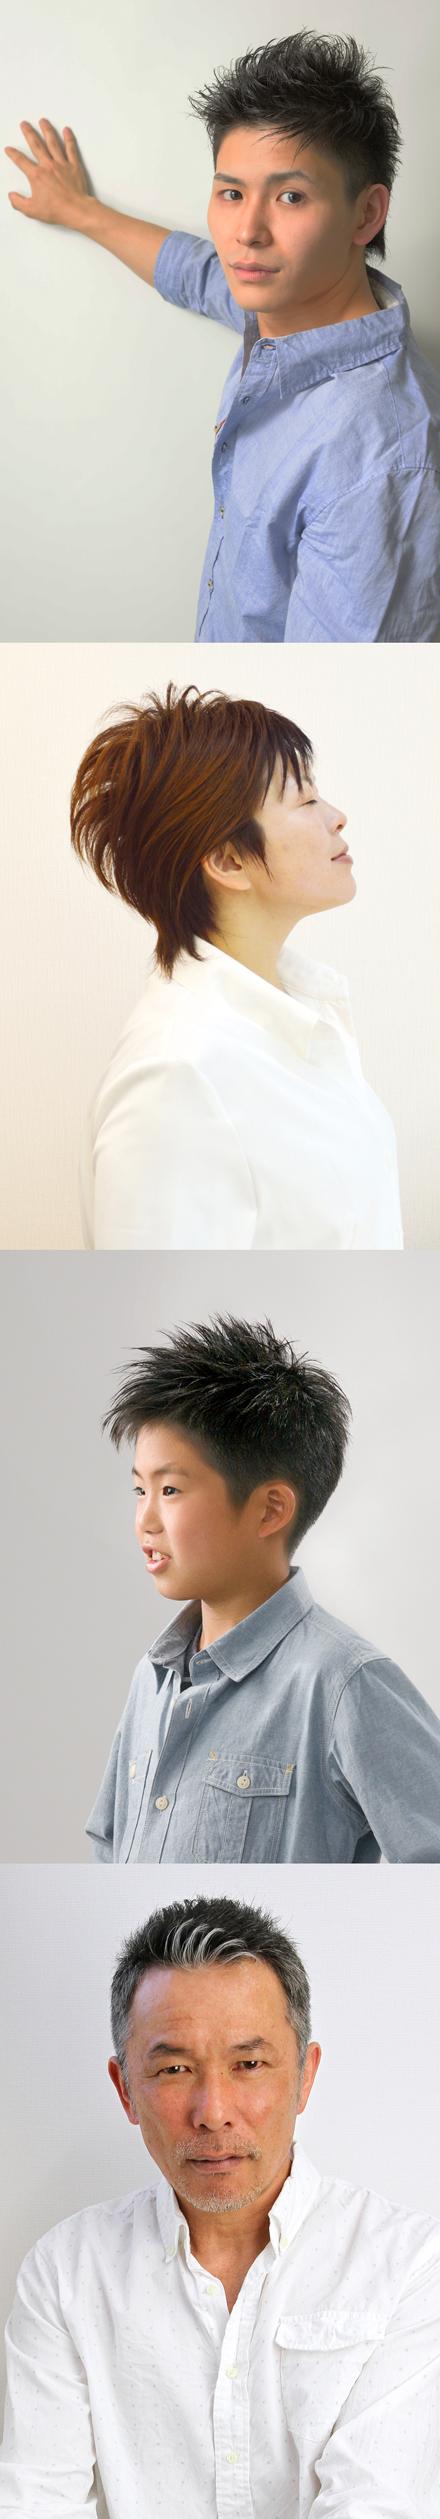 「2013 クールビズヘア」の最優秀賞作品と優秀賞作品